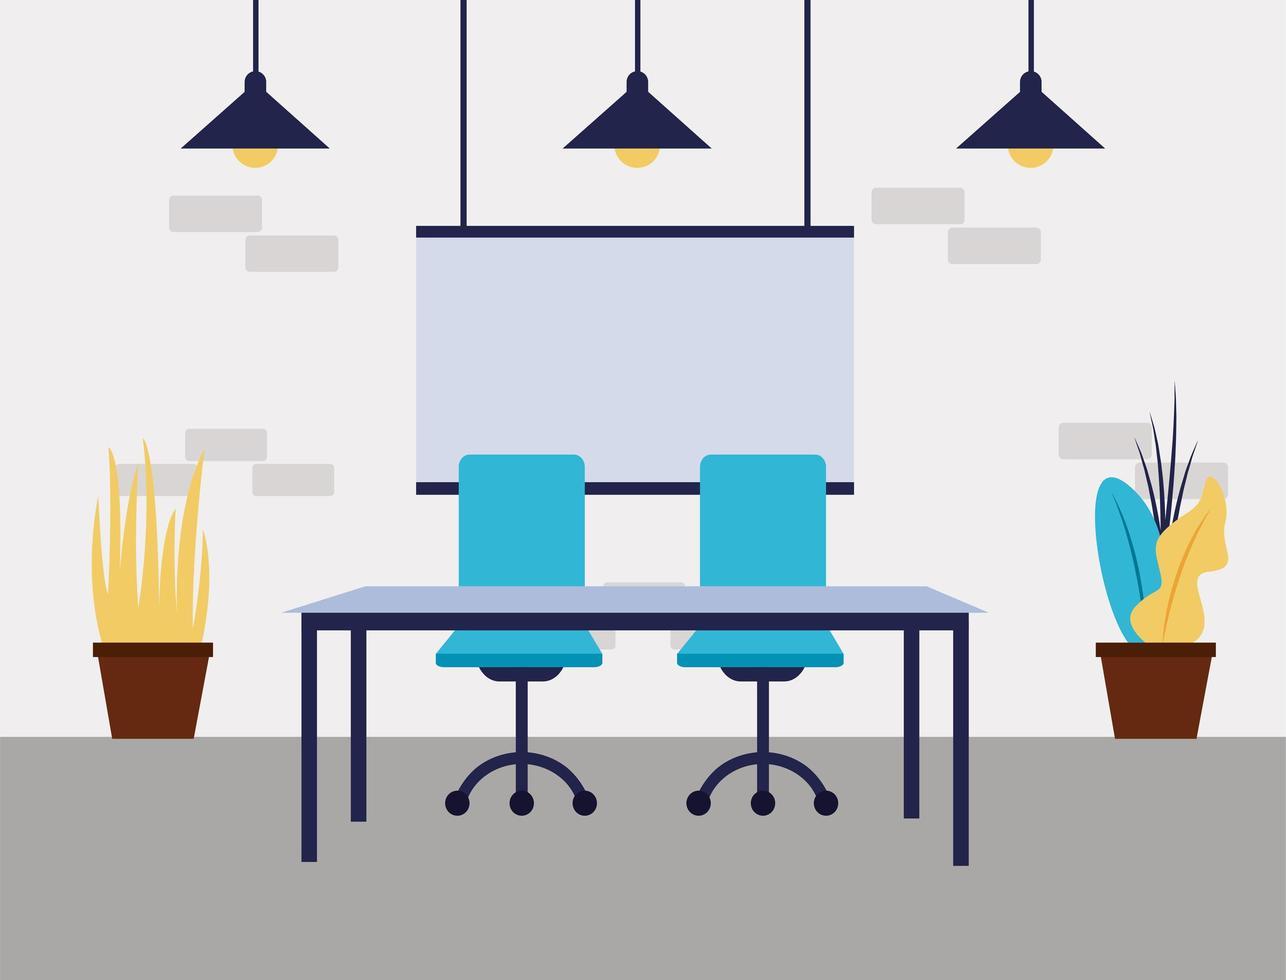 Schreibtisch mit Stühlen Vektor-Design vektor